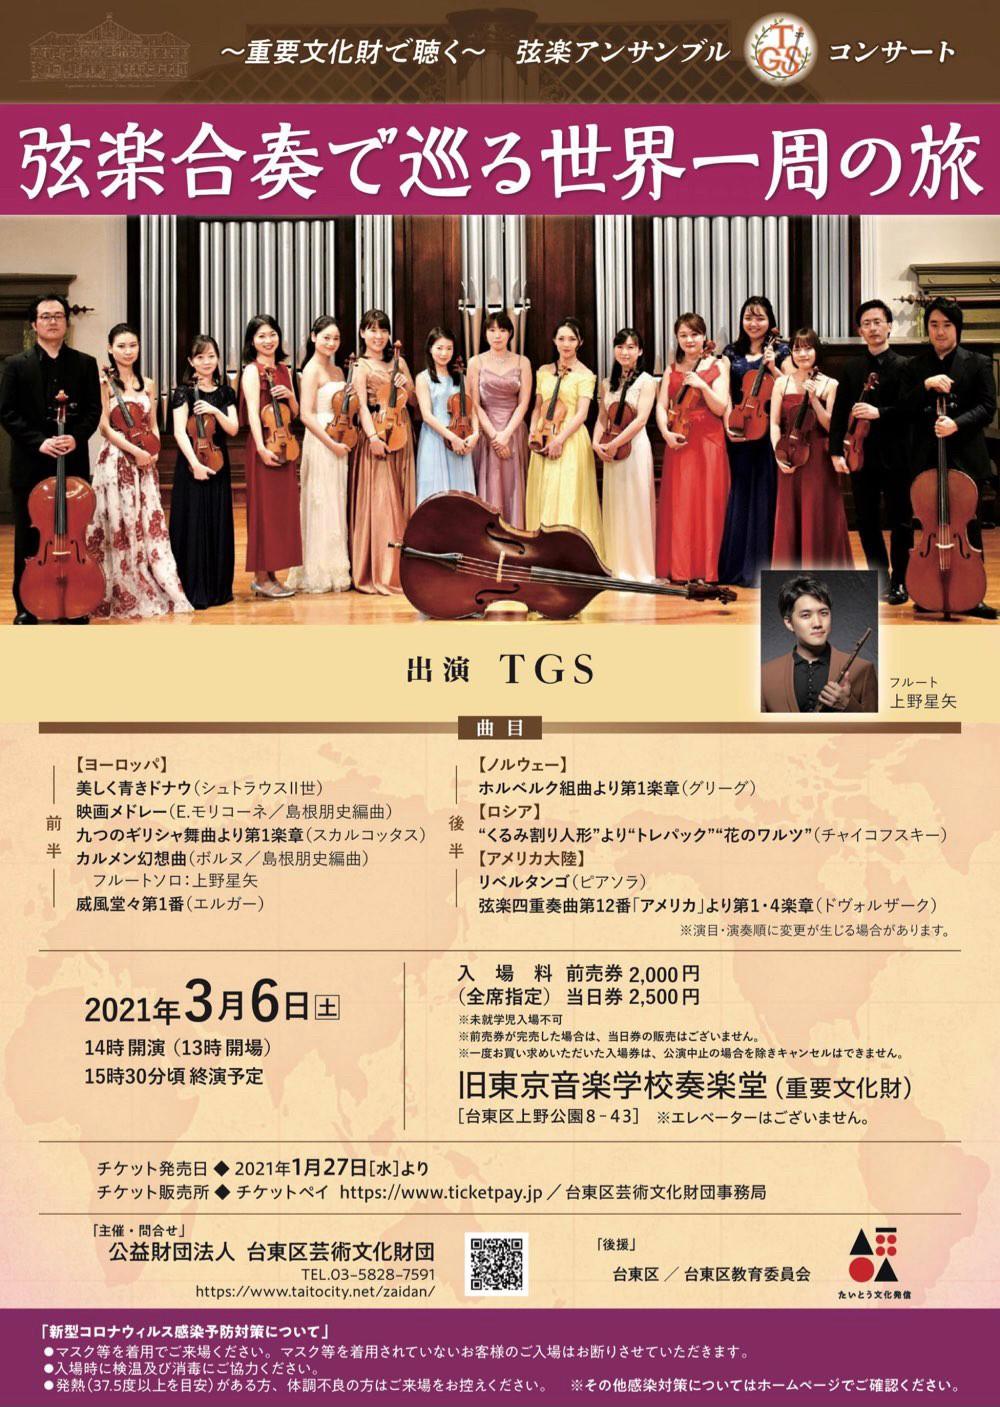 ~重要文化財で聴く~ 弦楽アンサンブル《TGS》コンサート